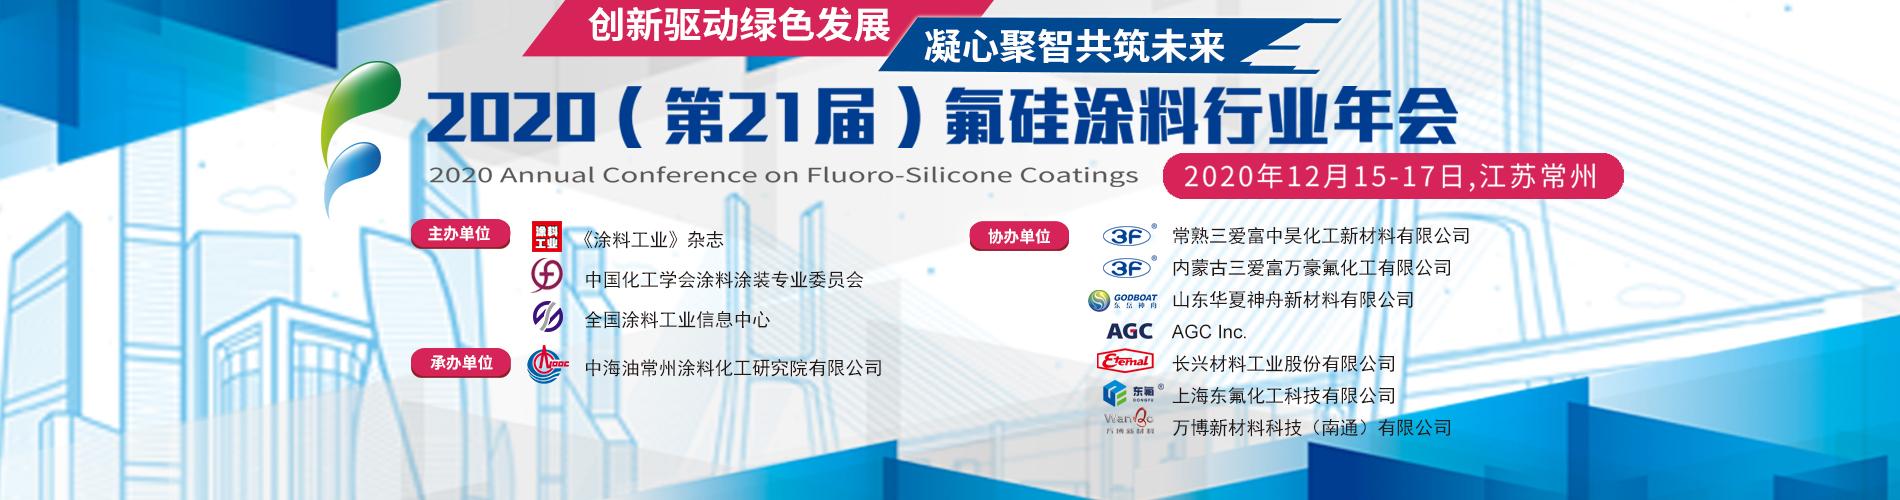 日程安排——2020(第21届)氟硅涂料行业年会